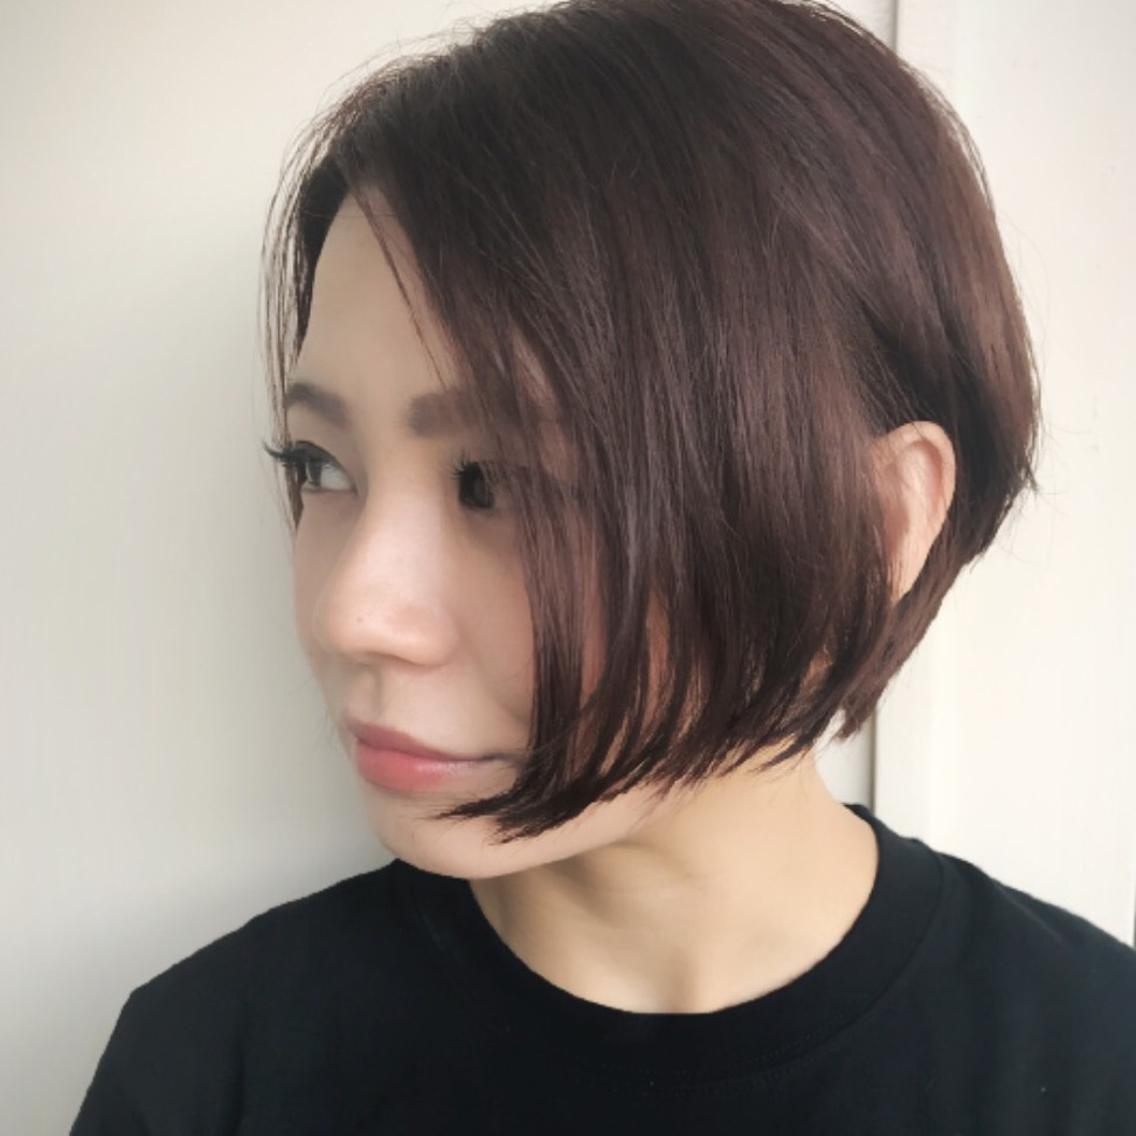 ベッキー 髪型 ショートボブ